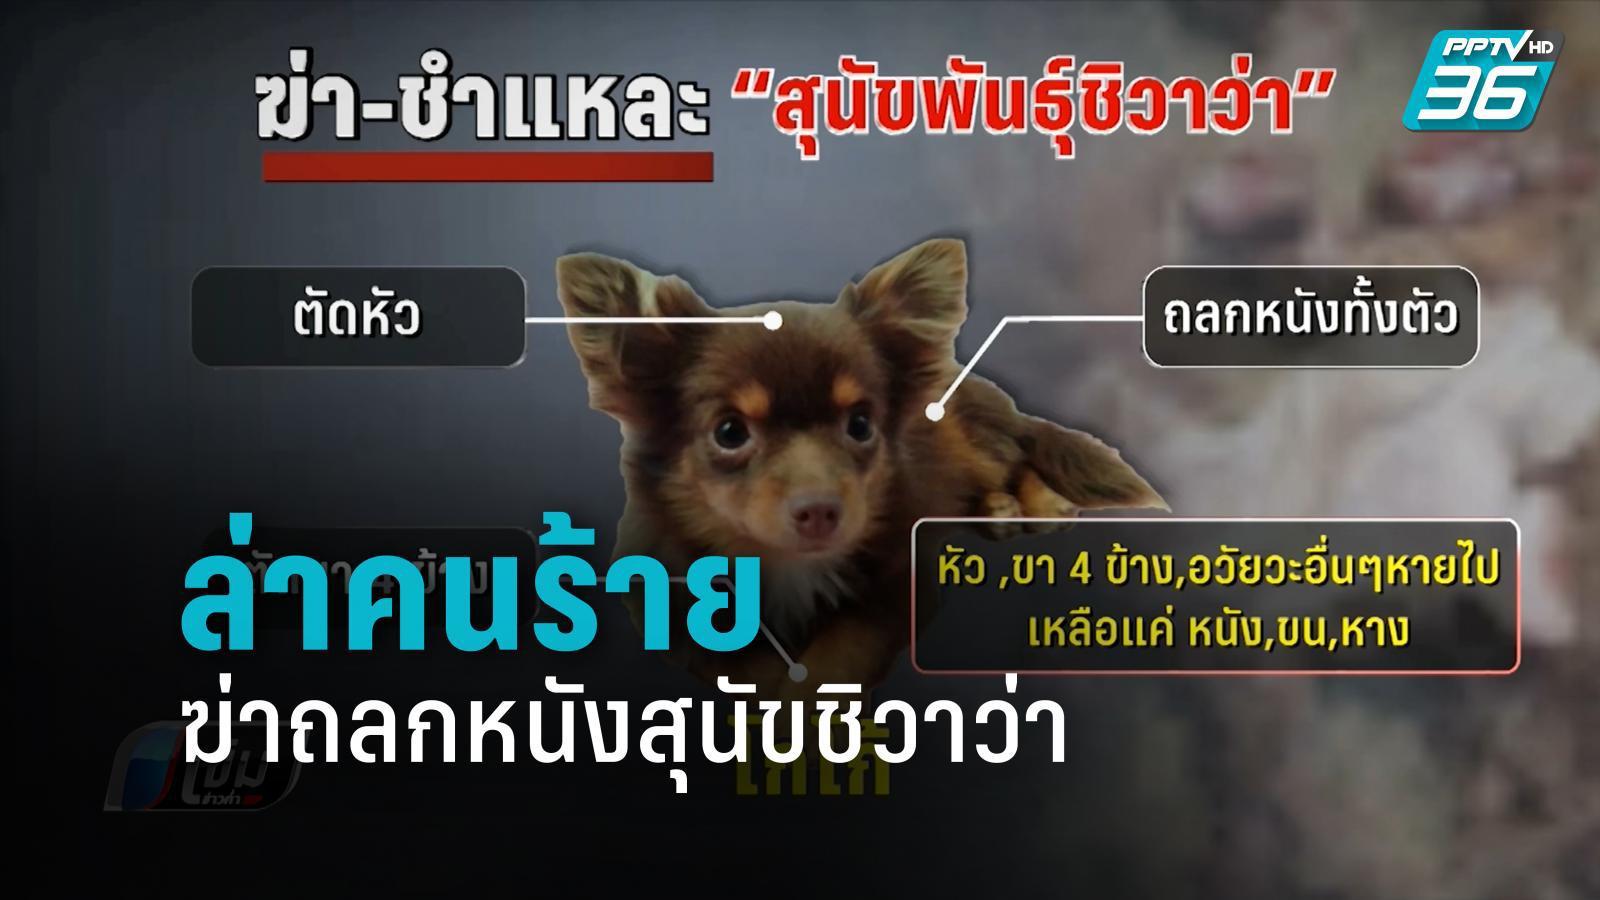 ตร.ตามล่าคนร้ายฆ่าถลกหนังสุนัขชิวาว่า-ส่งซากชันสูตร